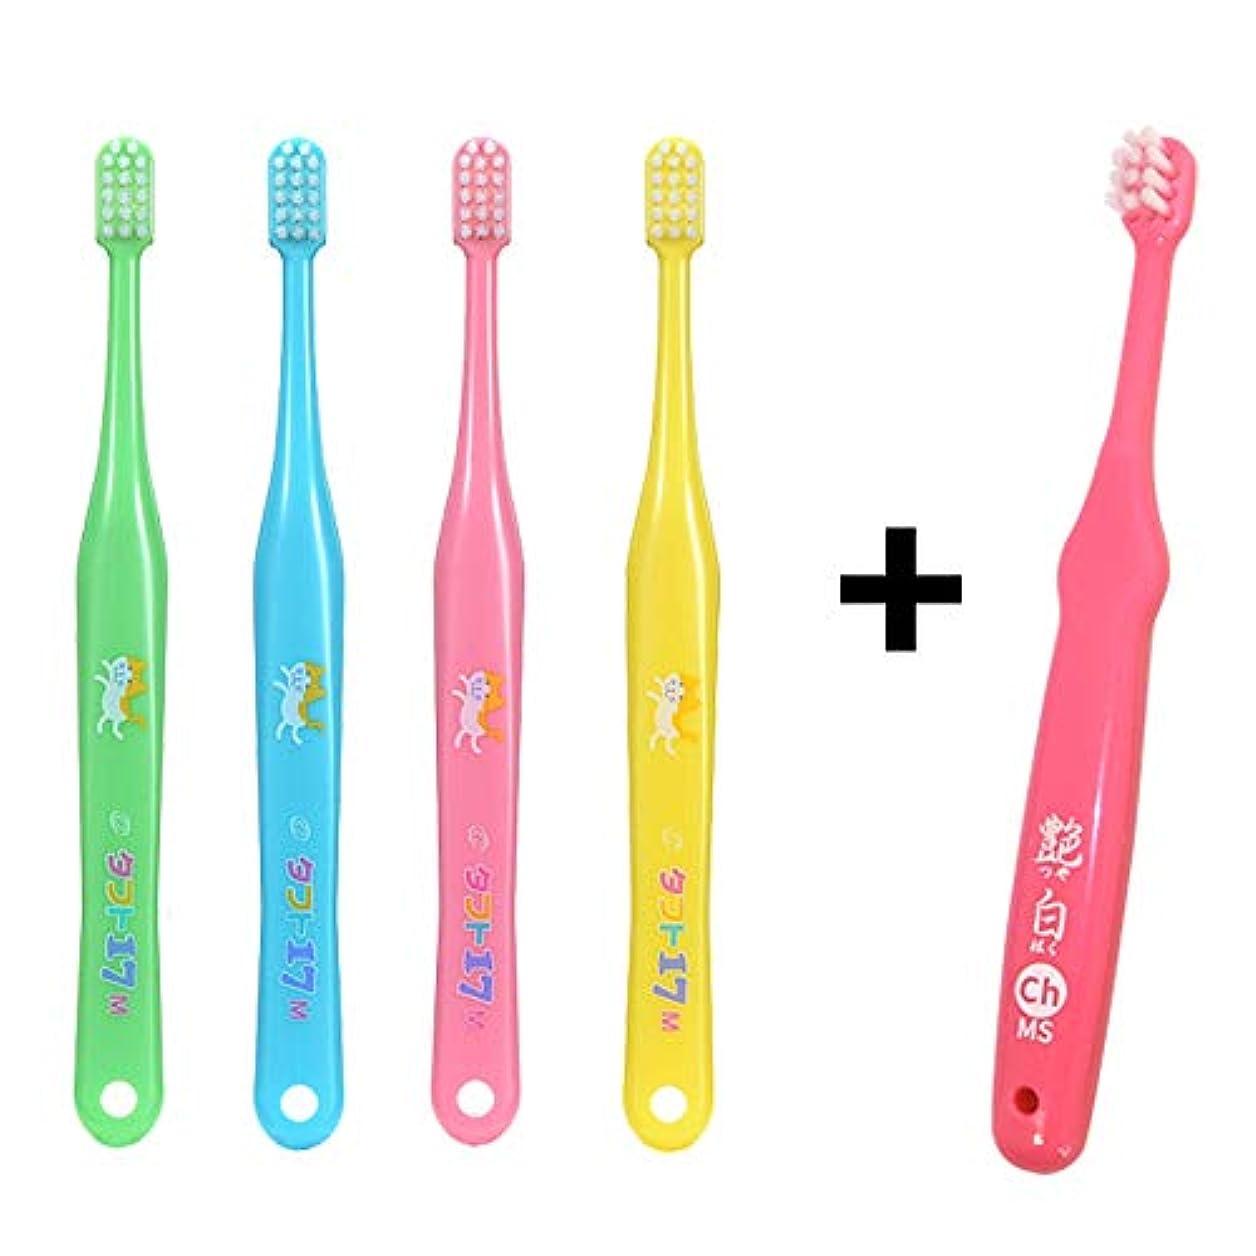 大学院挑む雇ったタフト17 M 歯ブラシ×10本 + 艶白(つやはく) Ch チャイルド ハブラシ×1本 MS(やややわらかめ) 日本製 歯科専売品